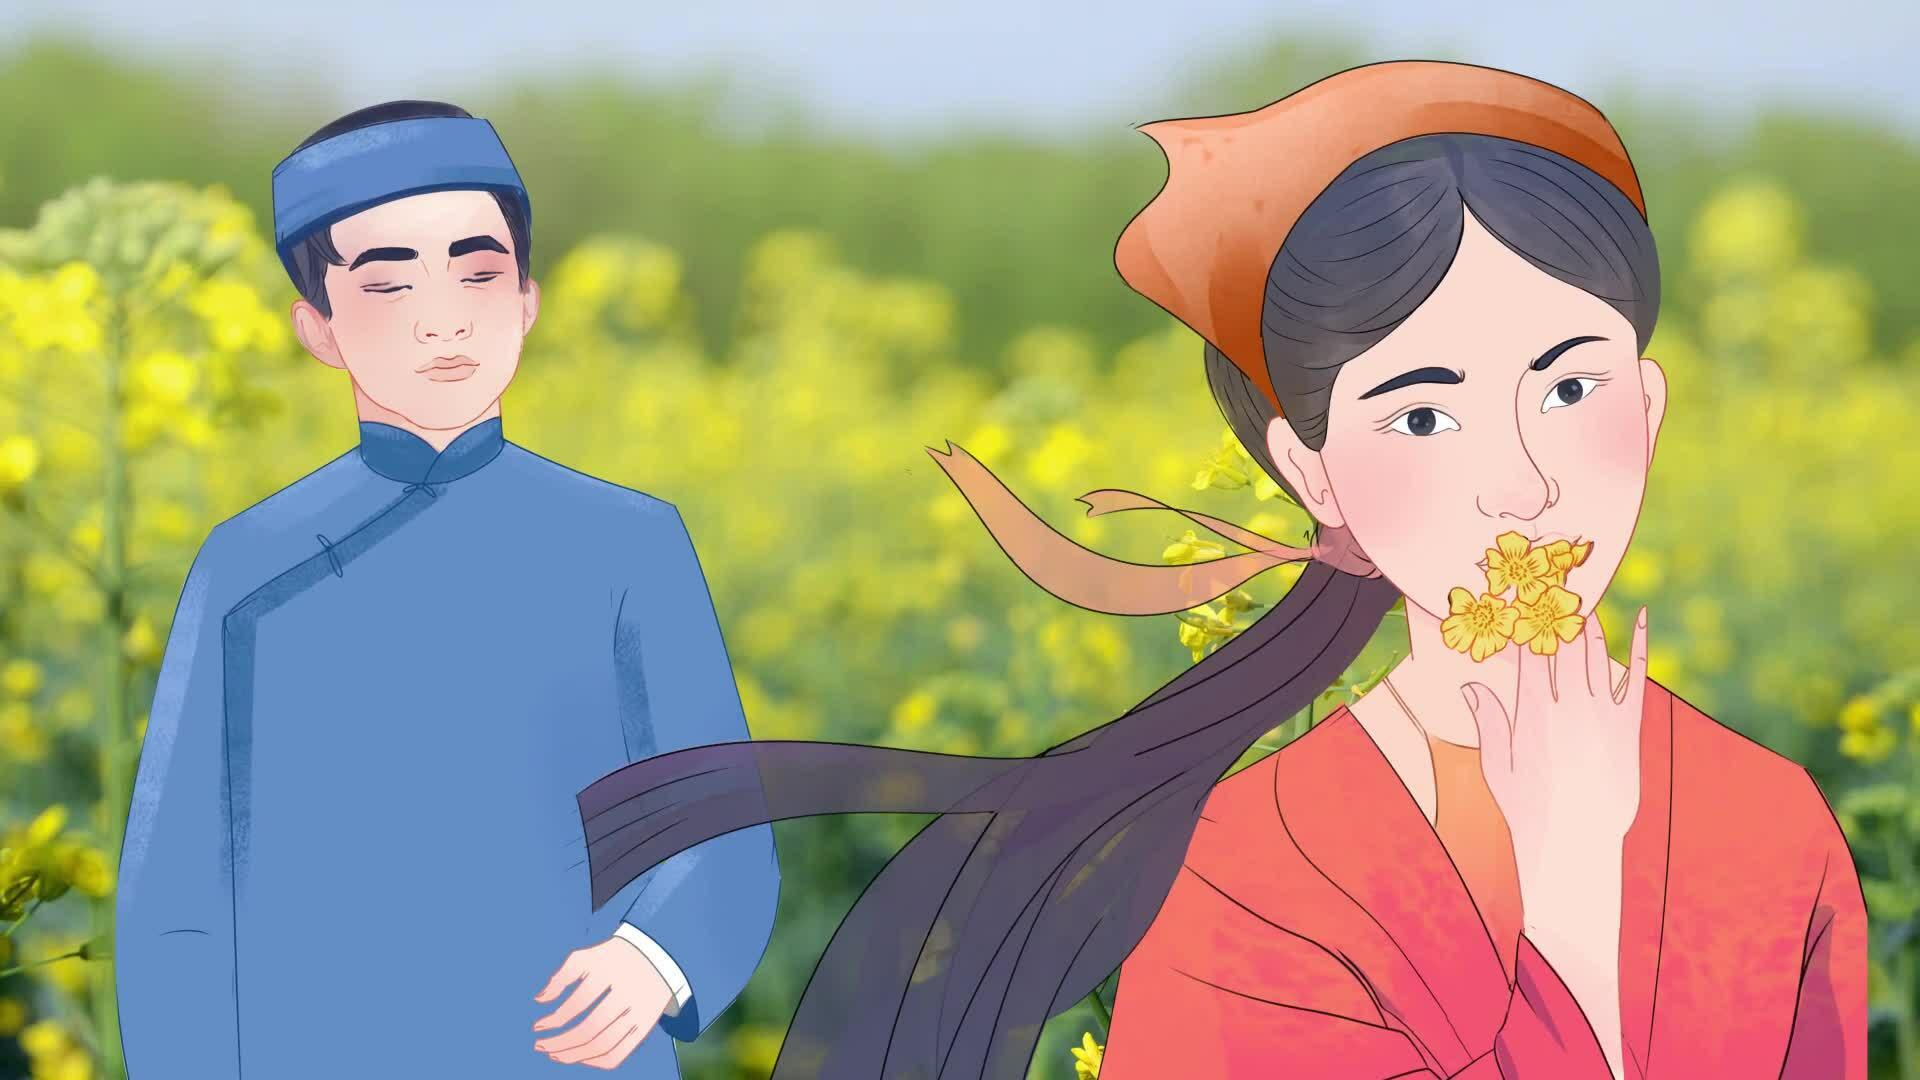 Trung Quang làm MV hoạt hình dễ thương